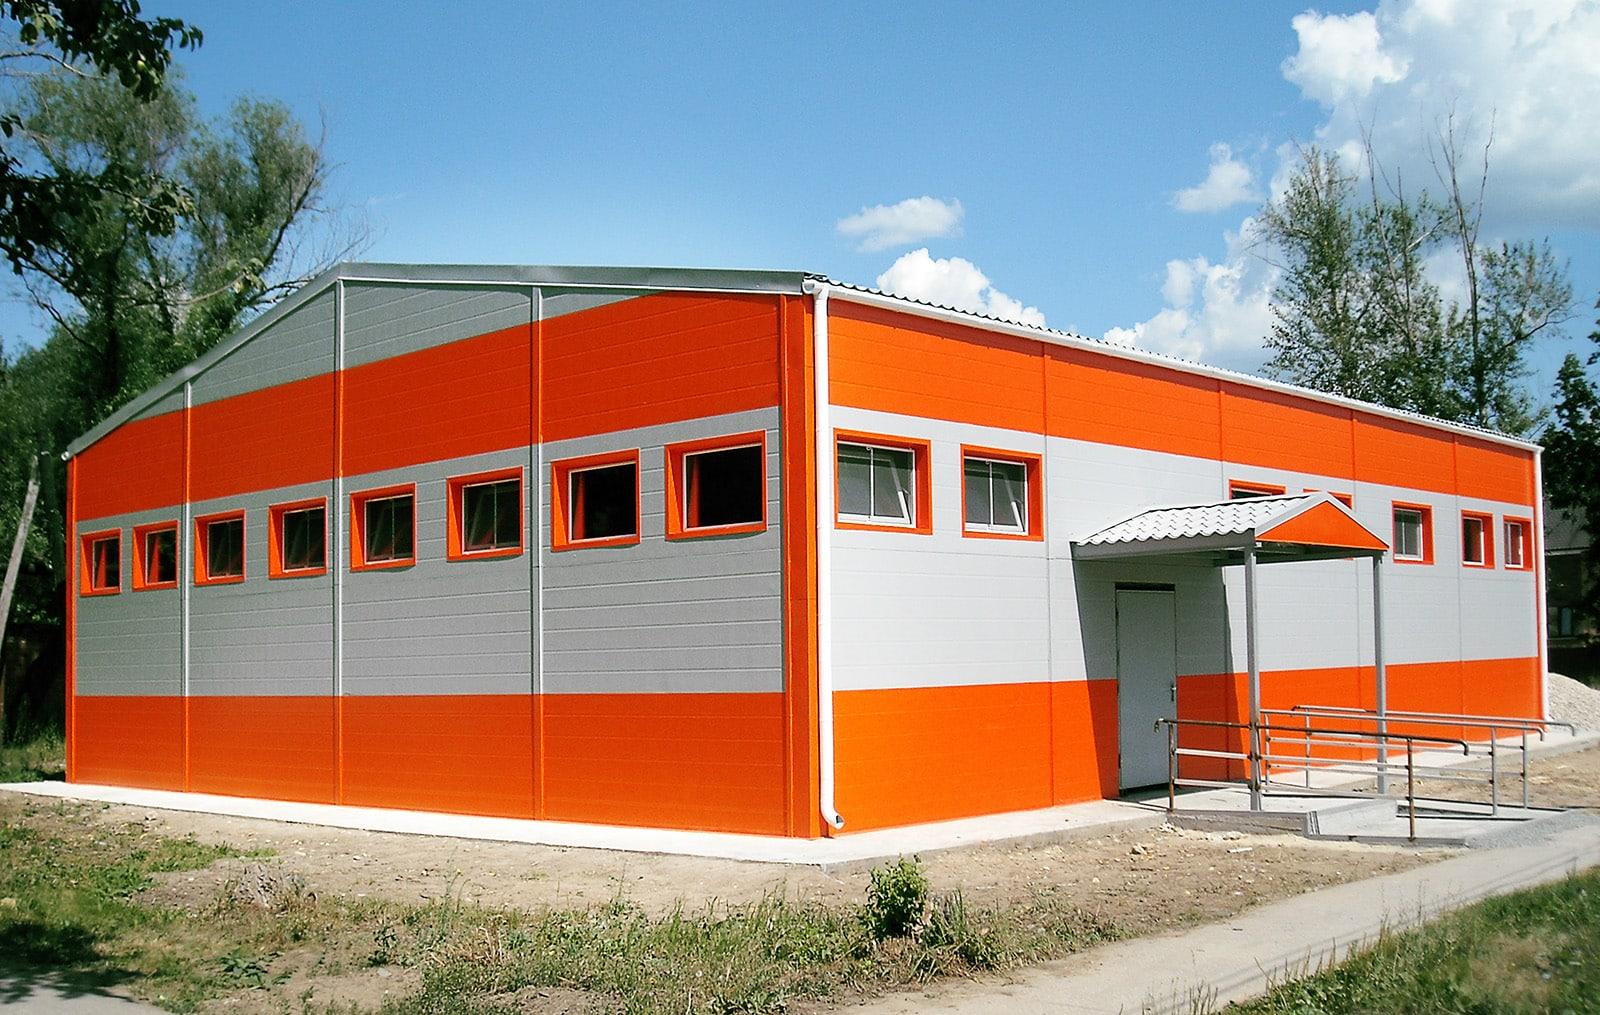 Каркасные здания из сэндвич-панелей | Сэндвич-панели плюсы и минусы, использование, особенности, стоимость